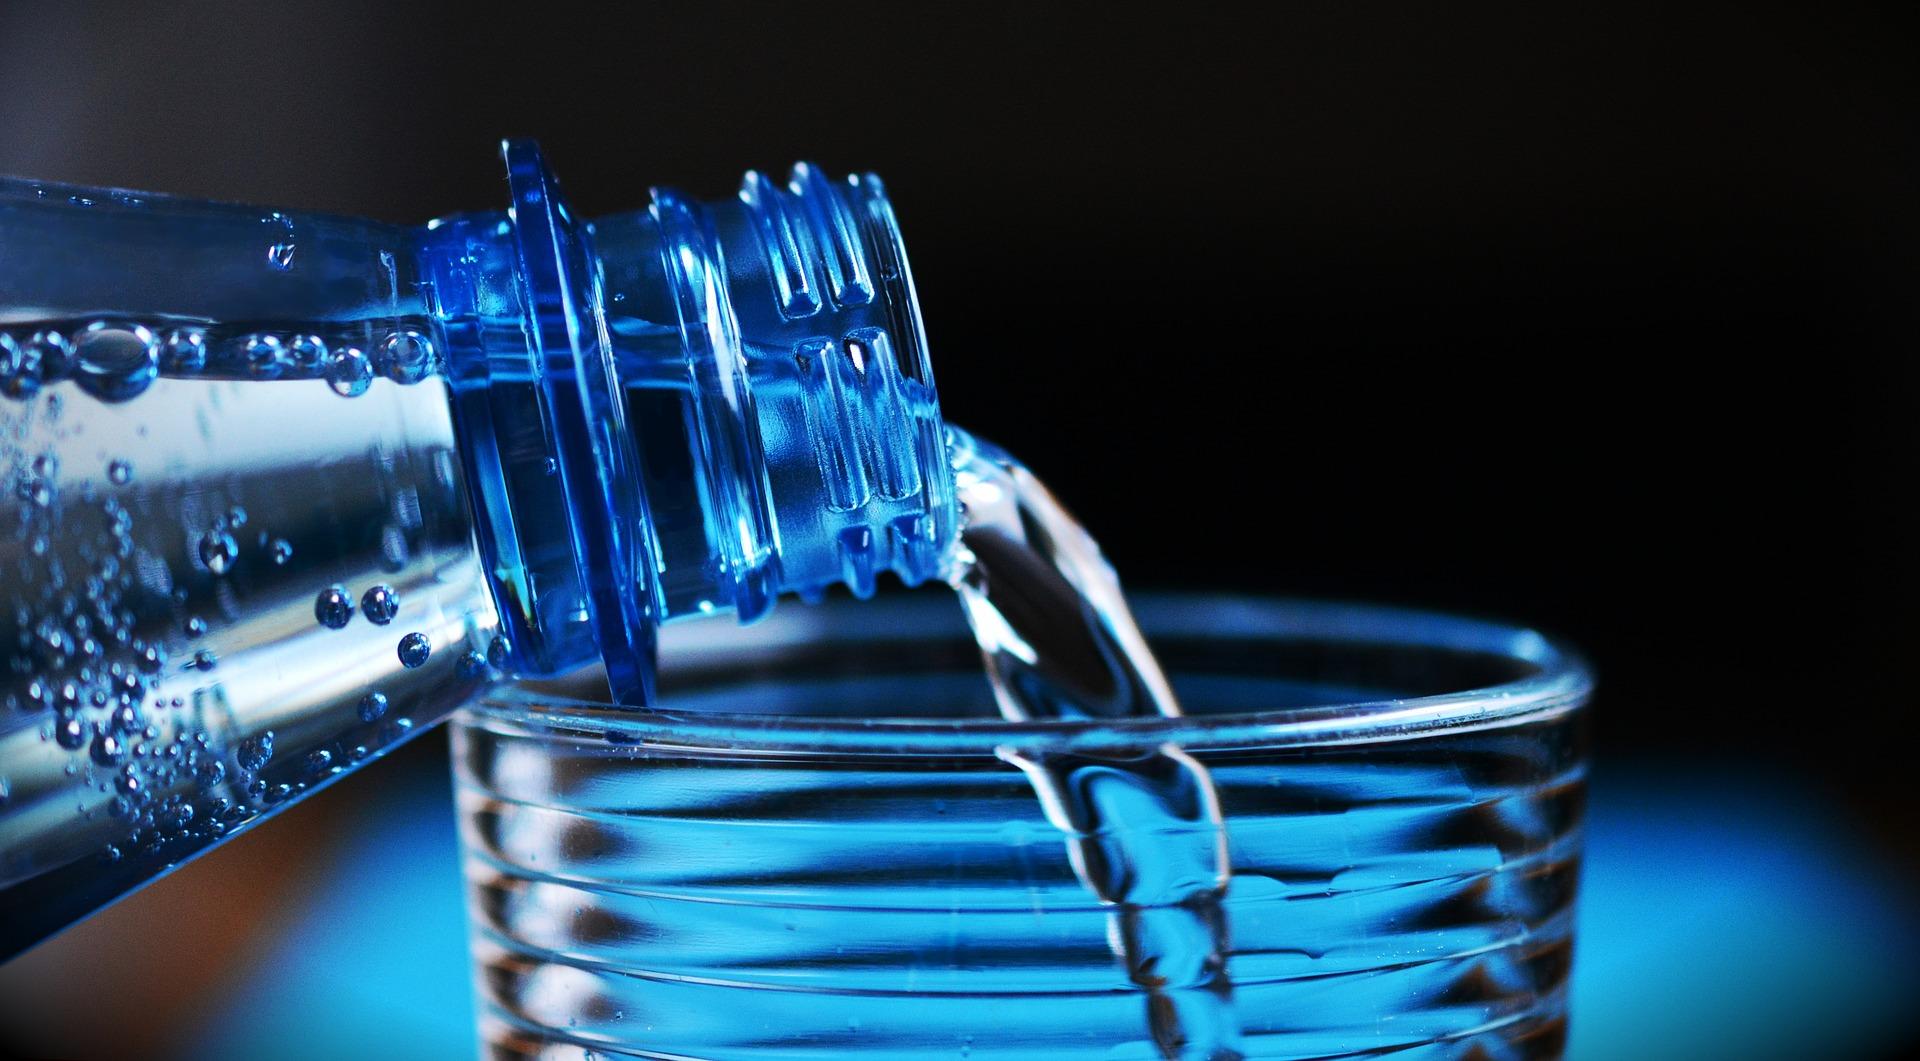 Ako pijete vodu iz plastične FLAŠE, vodite računa o OVOME